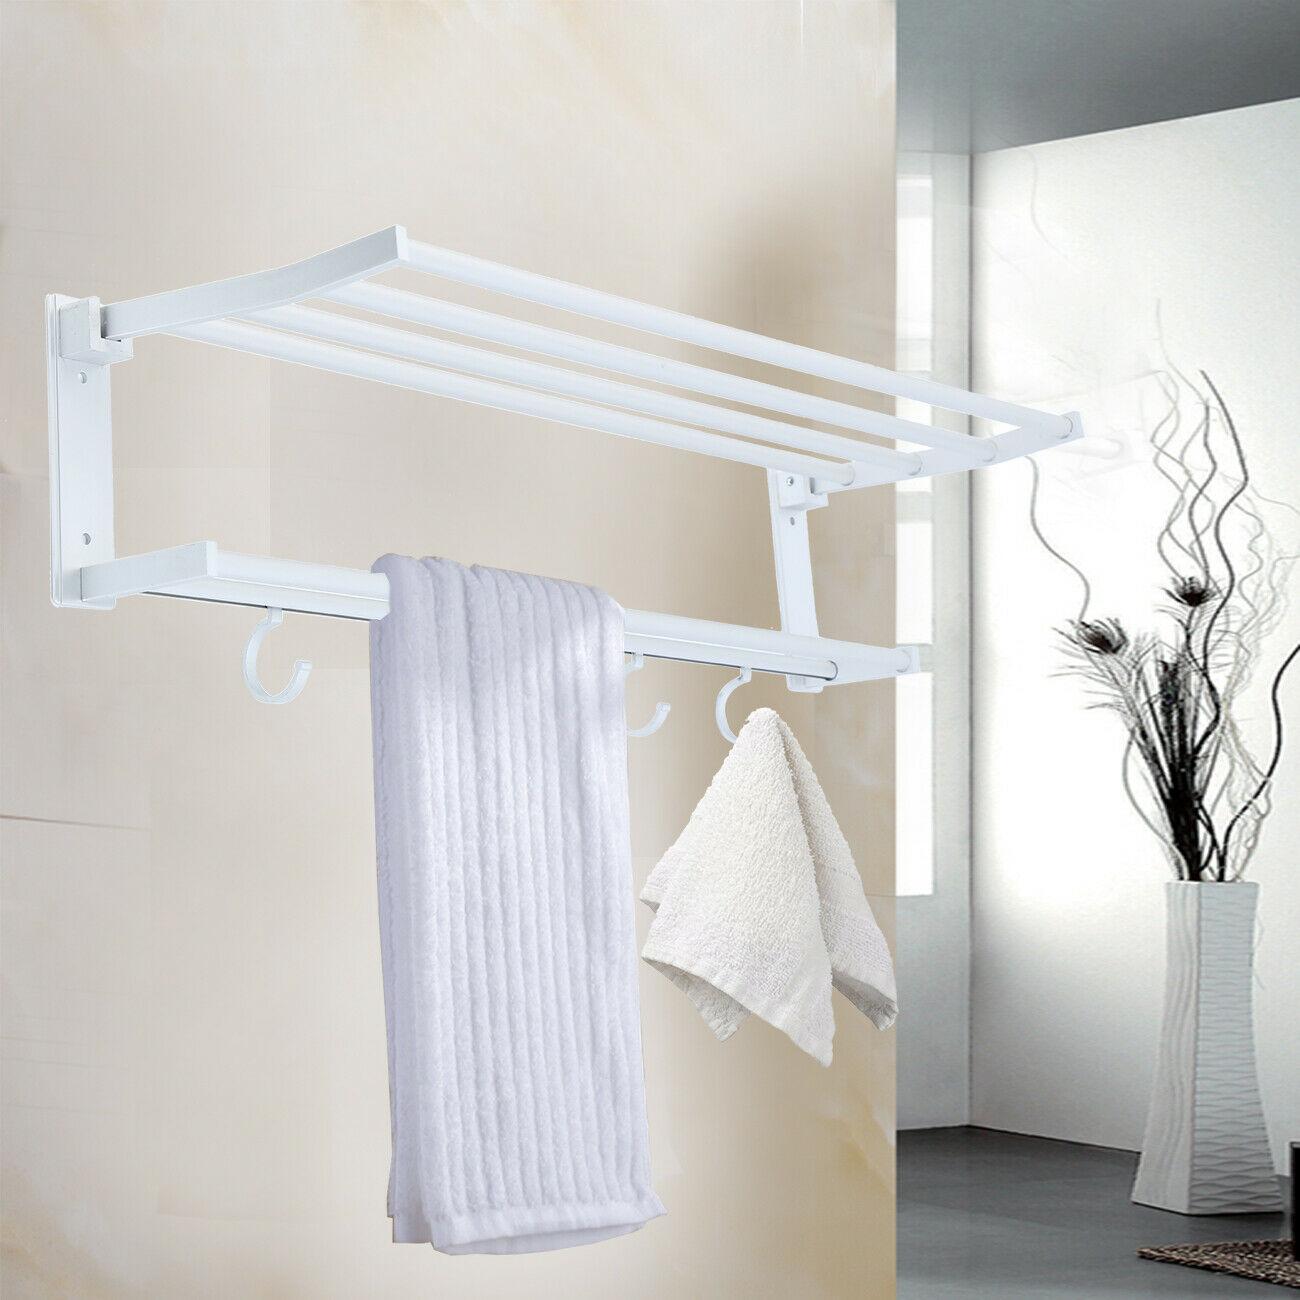 Toallero de baño Honhill, toallero montado en la pared de 2 capas con soporte de 5 filas, accesorios para el hogar para Hotel, perchero para toallas y abrigos